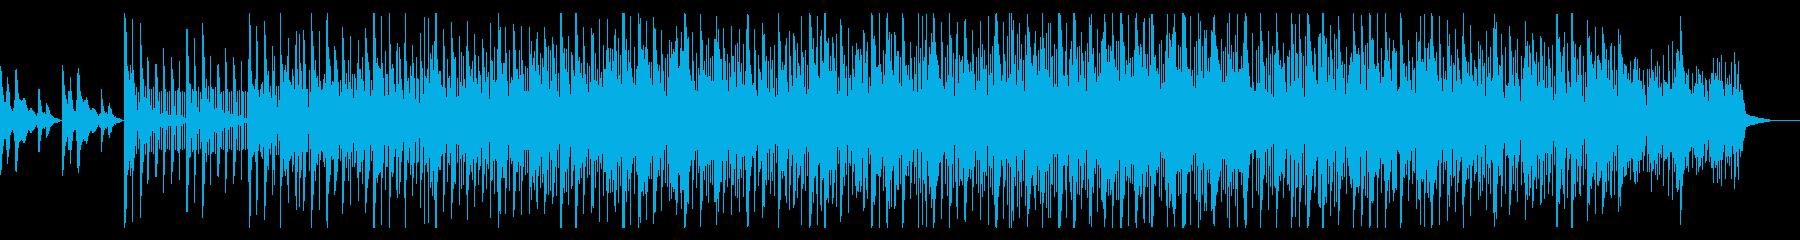 薄暗いトリップホップアンビエントIDMの再生済みの波形